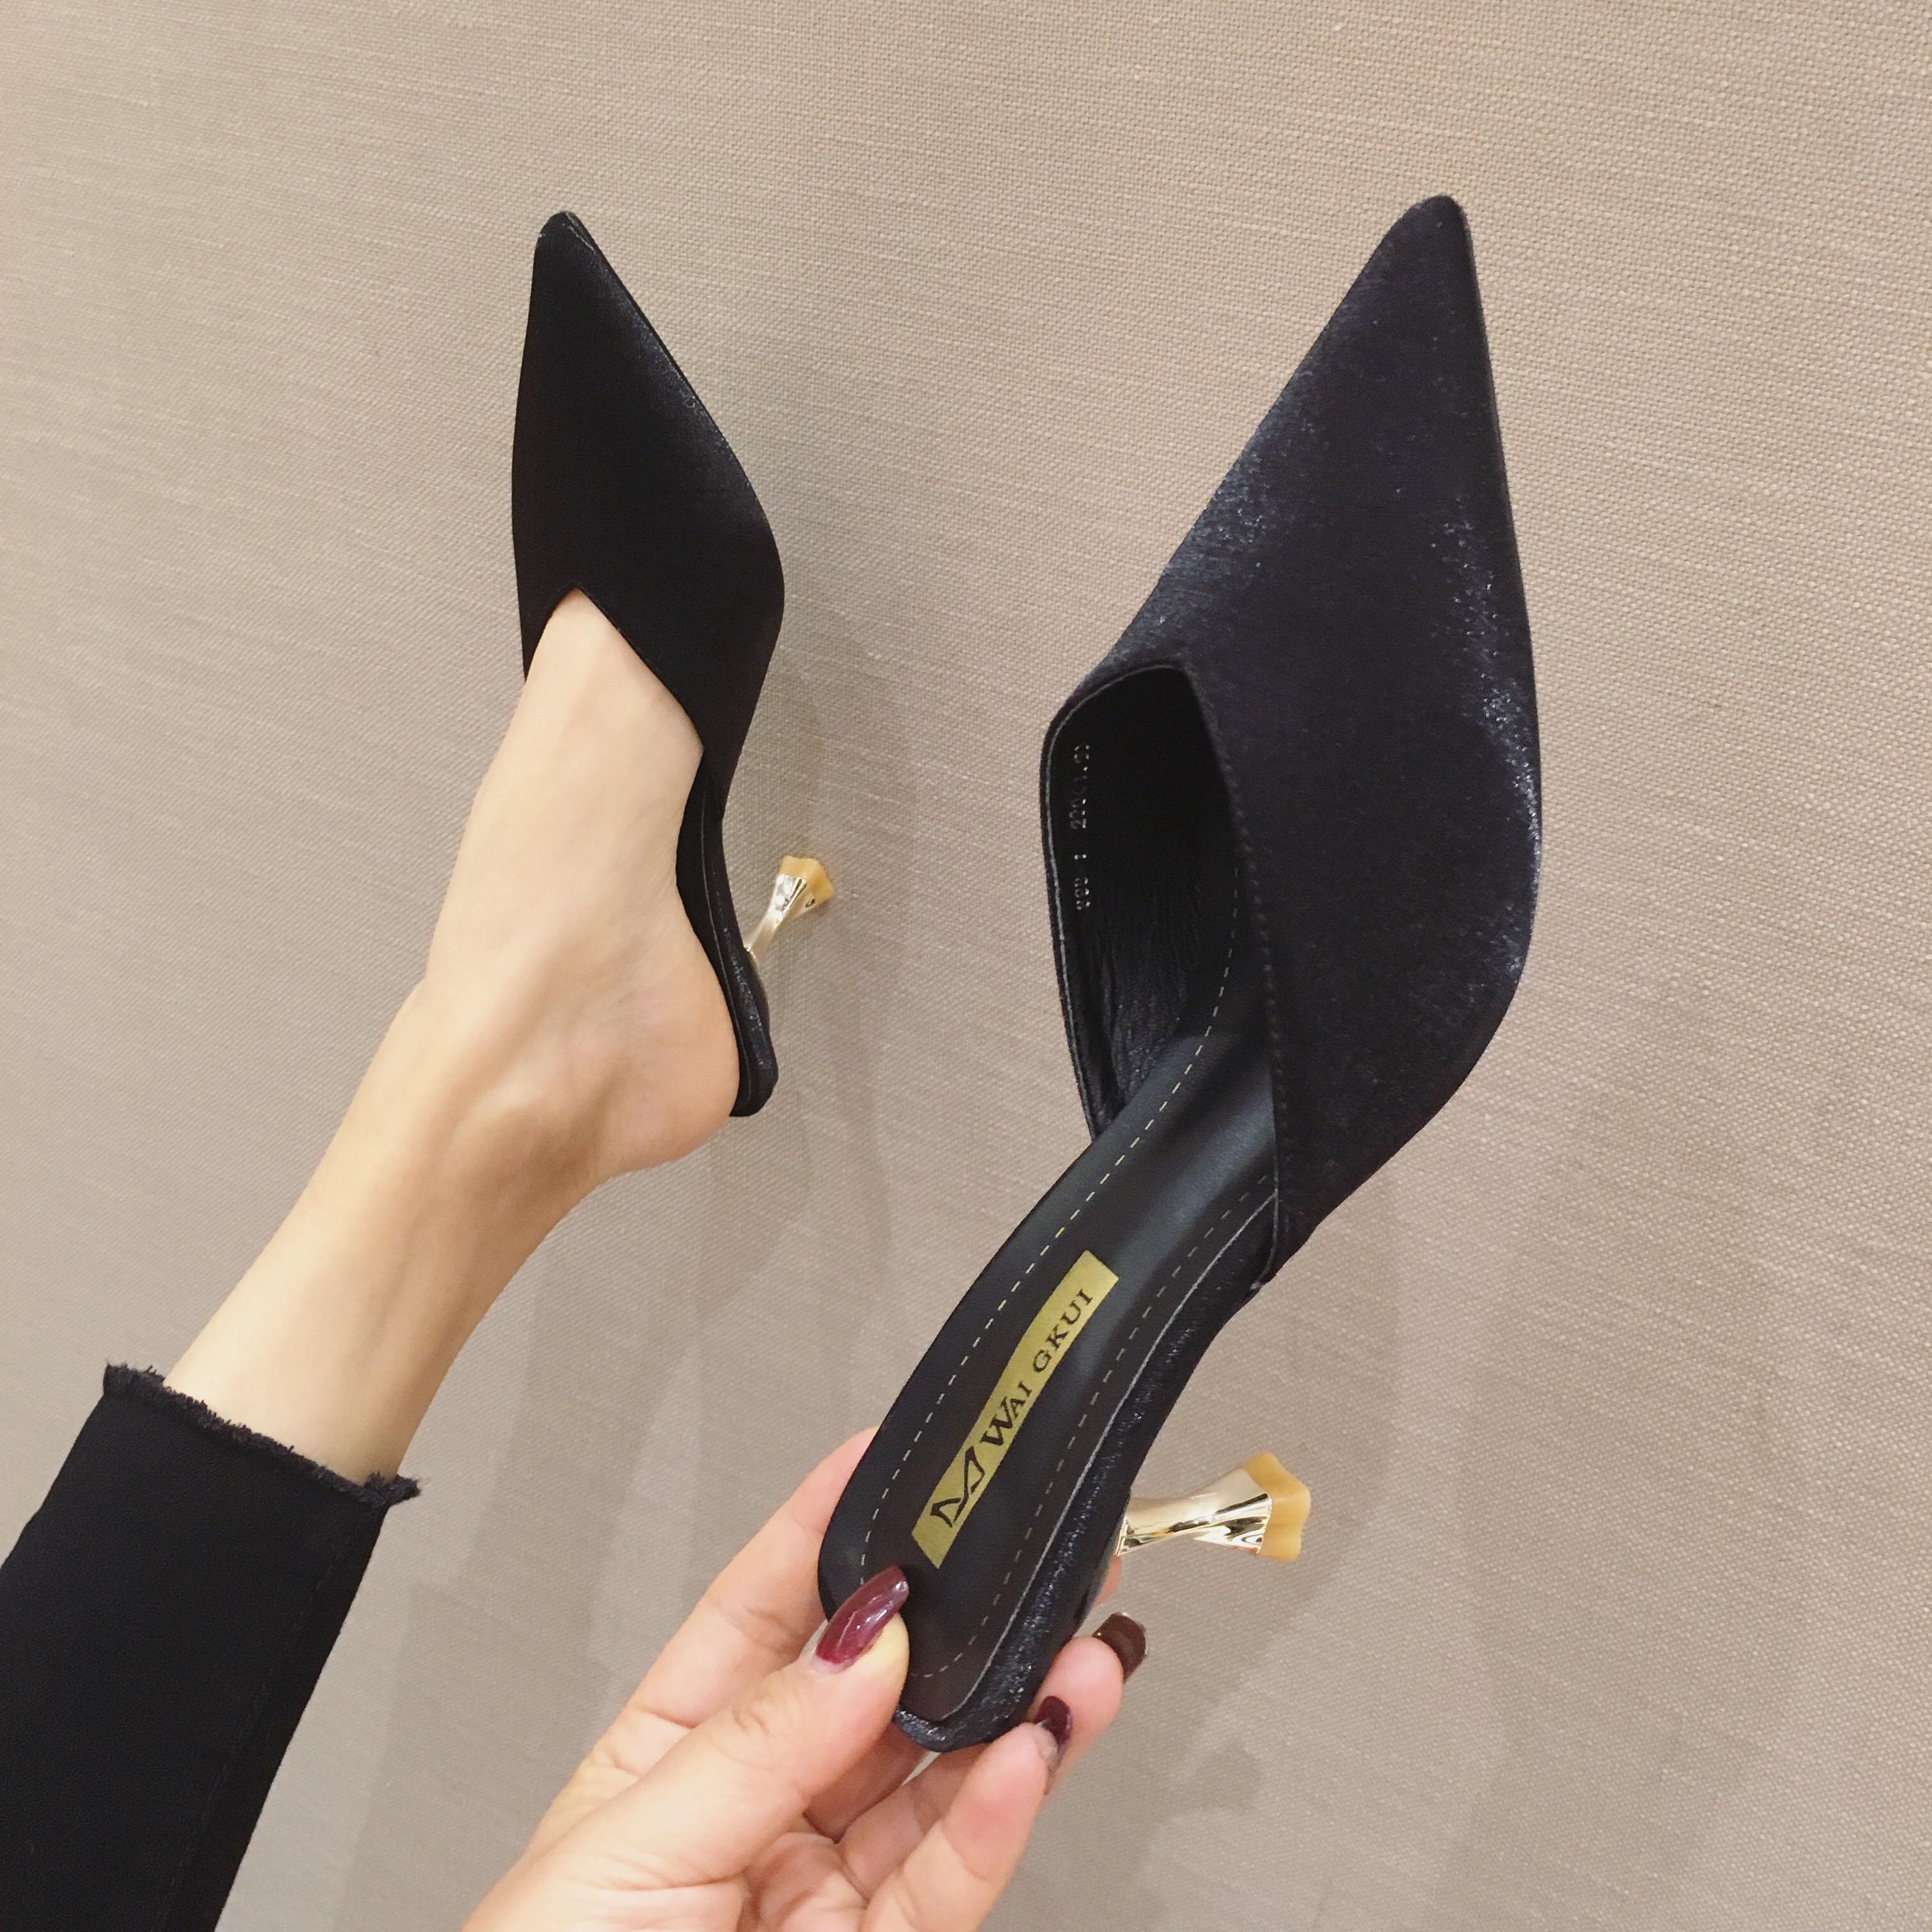 中国高跟鞋 包头半拖鞋女外穿女鞋2020新款韩版百搭试衣鞋尖头细跟高跟鞋凉拖_推荐淘宝好看的女高跟鞋